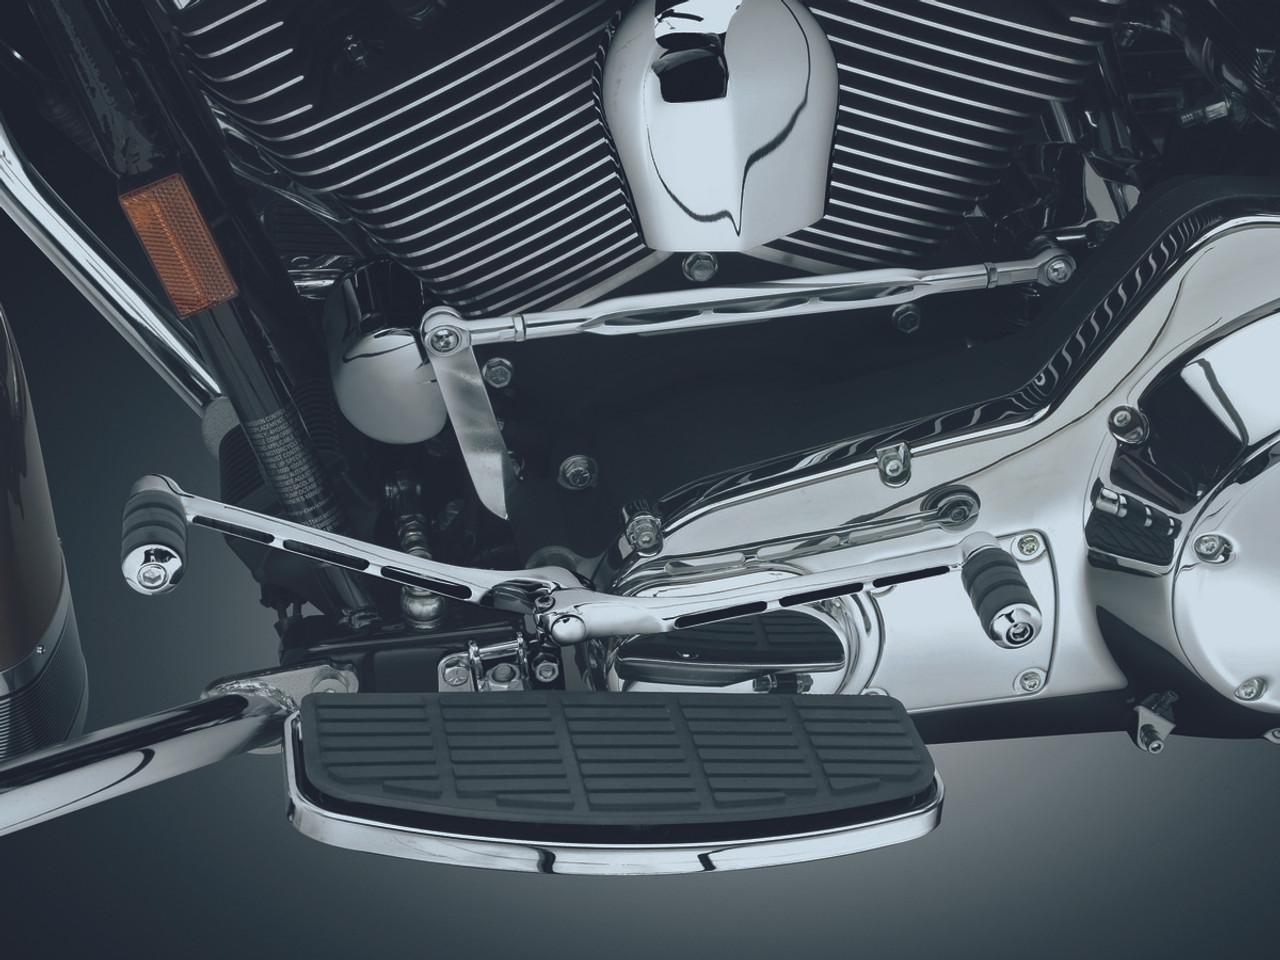 Kuryakyn Chrome Extended Girder Shift Lever for Harley FLST FLH//FLT 83-17